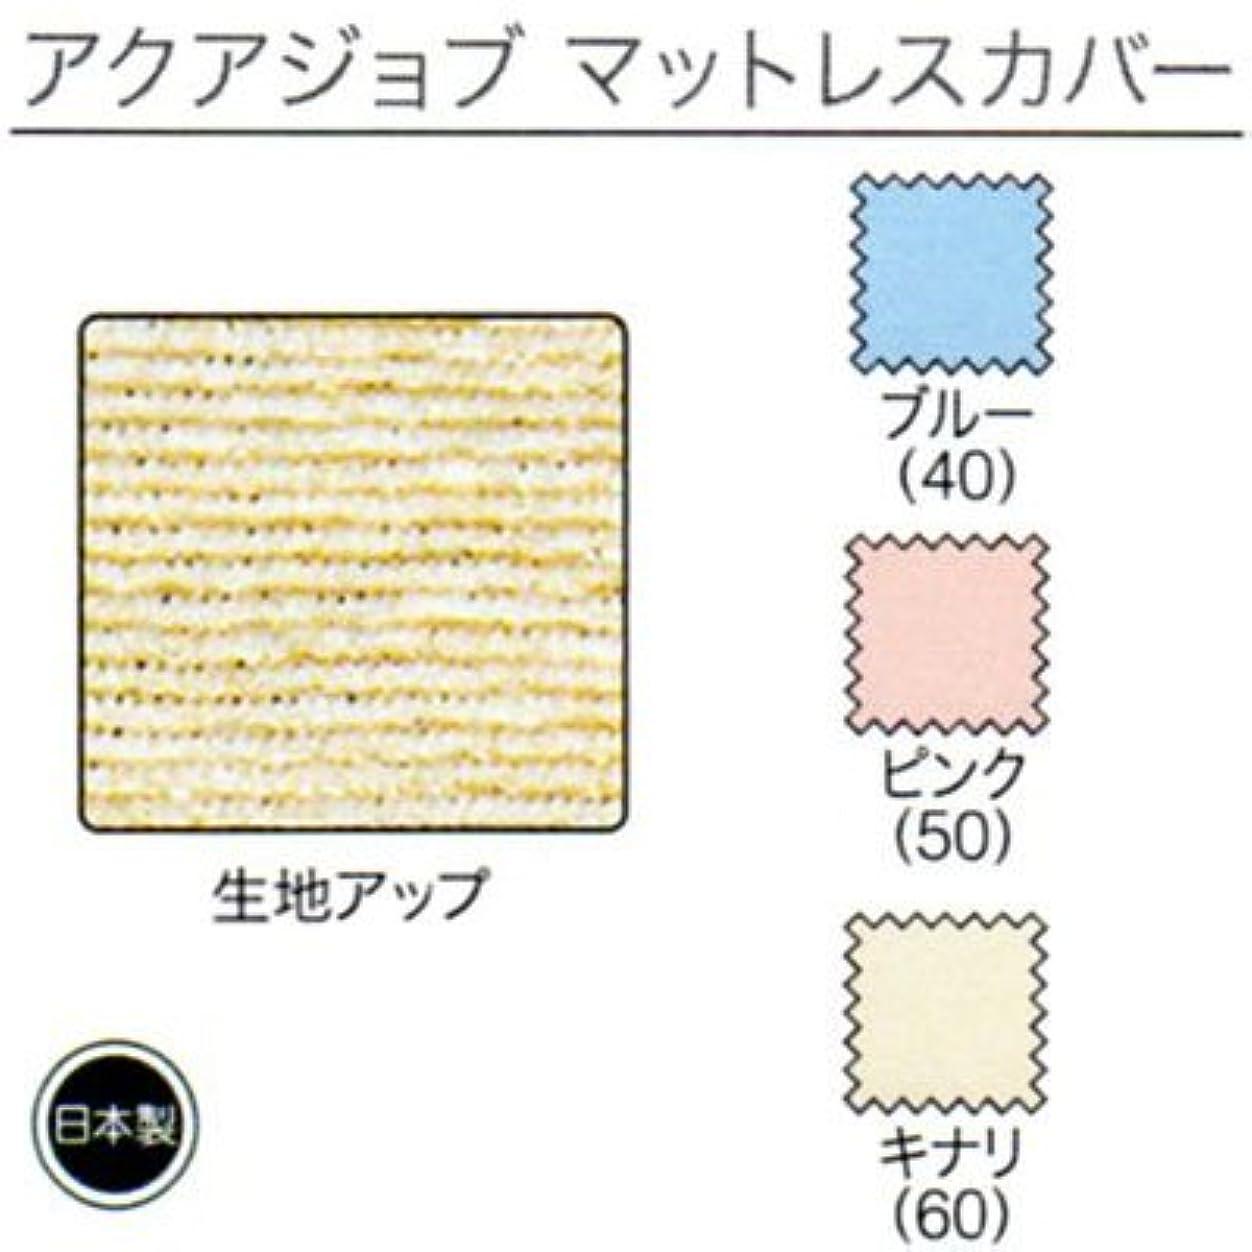 ポットに対応同じfrancebed 日本製 アクアジョブ マットレスカバー ワイドダブル 154×195cm キナリ